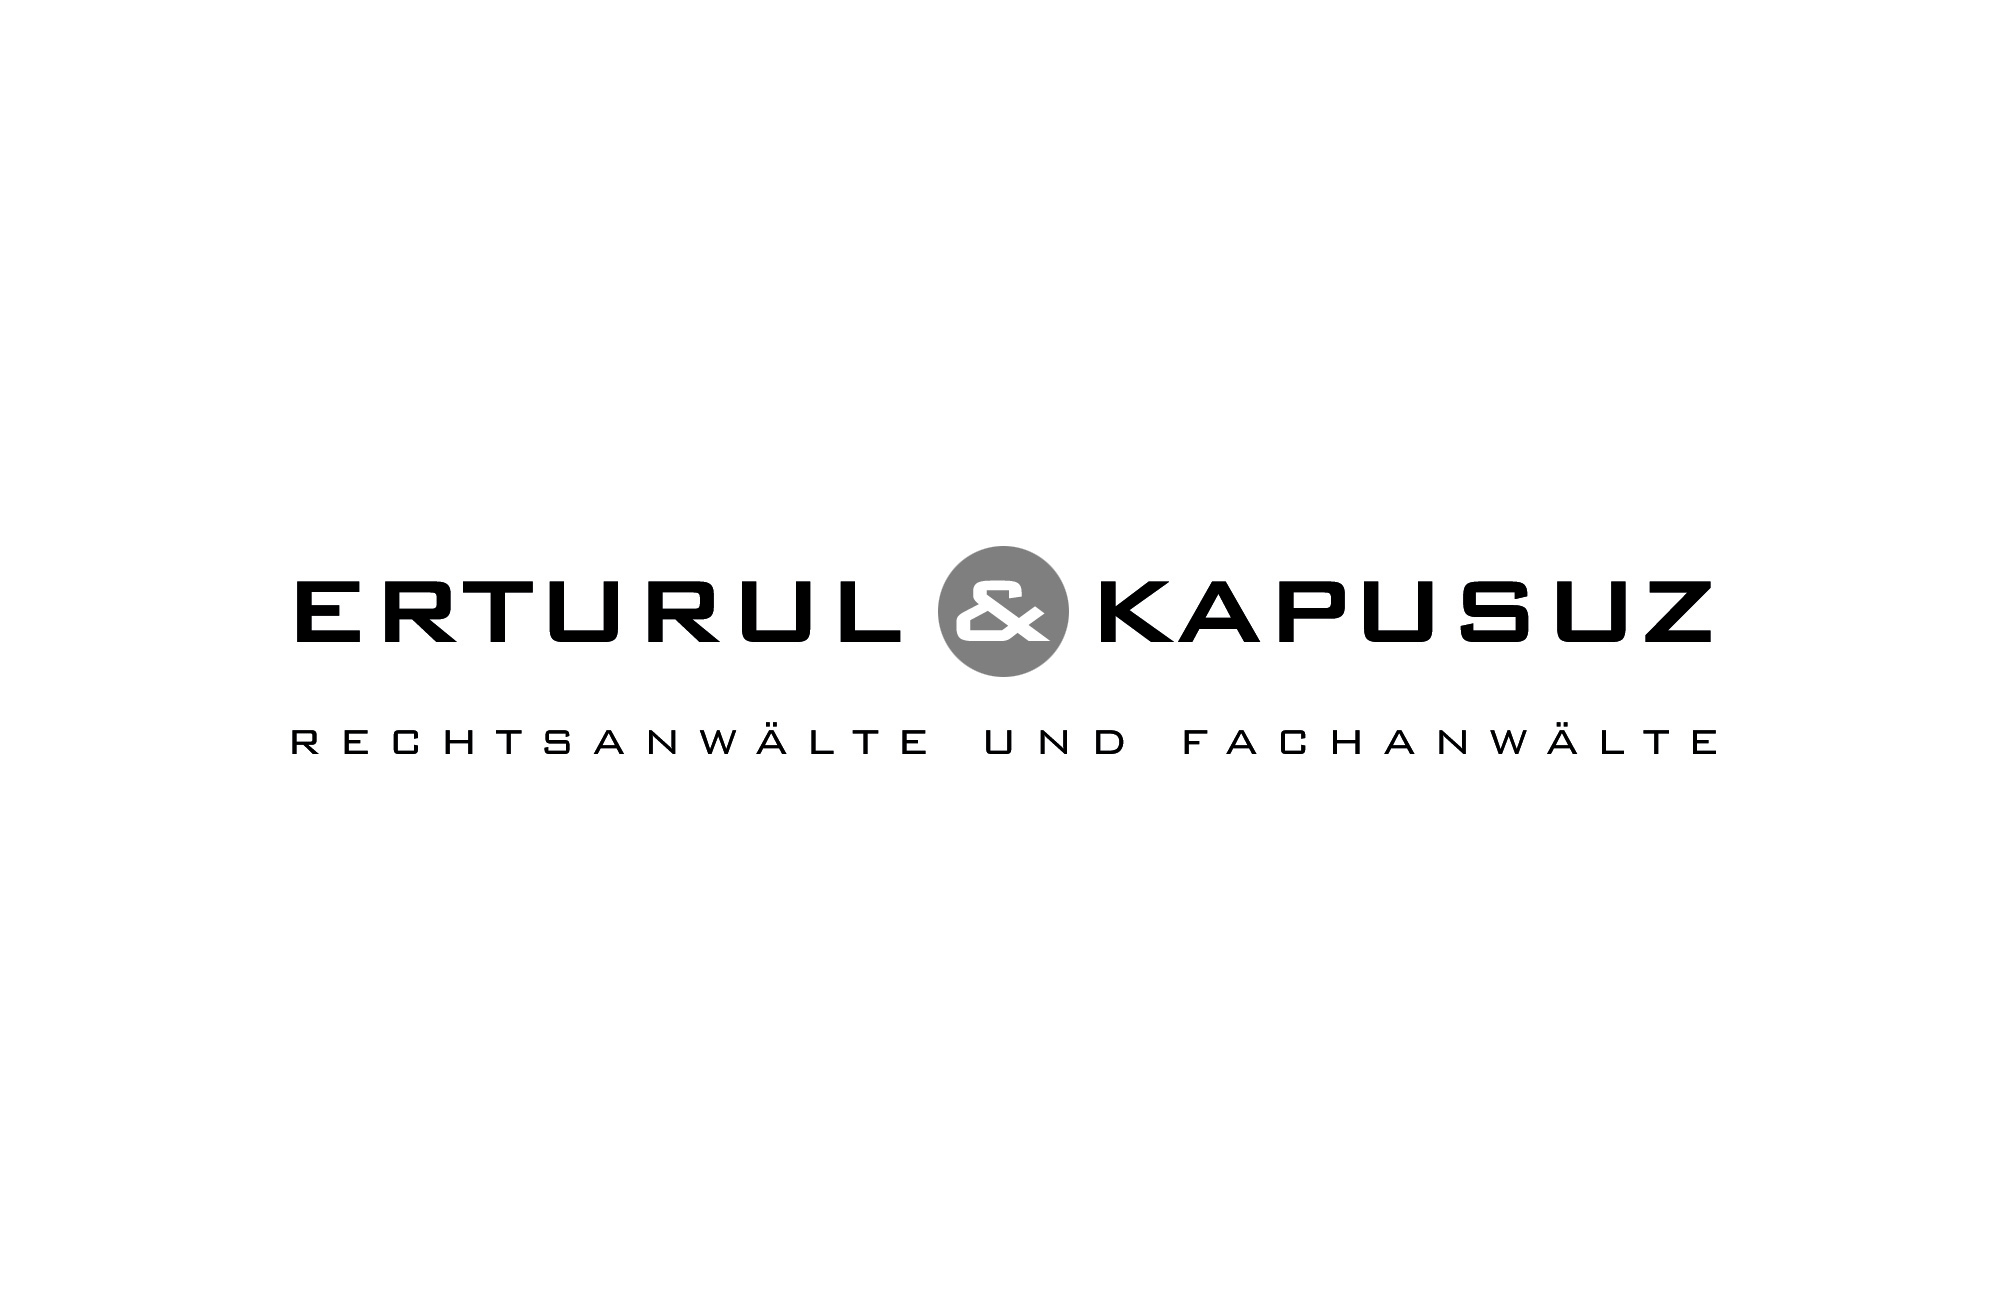 Erturul & Kapusuz Rechtsanwälte und Fachanwälte